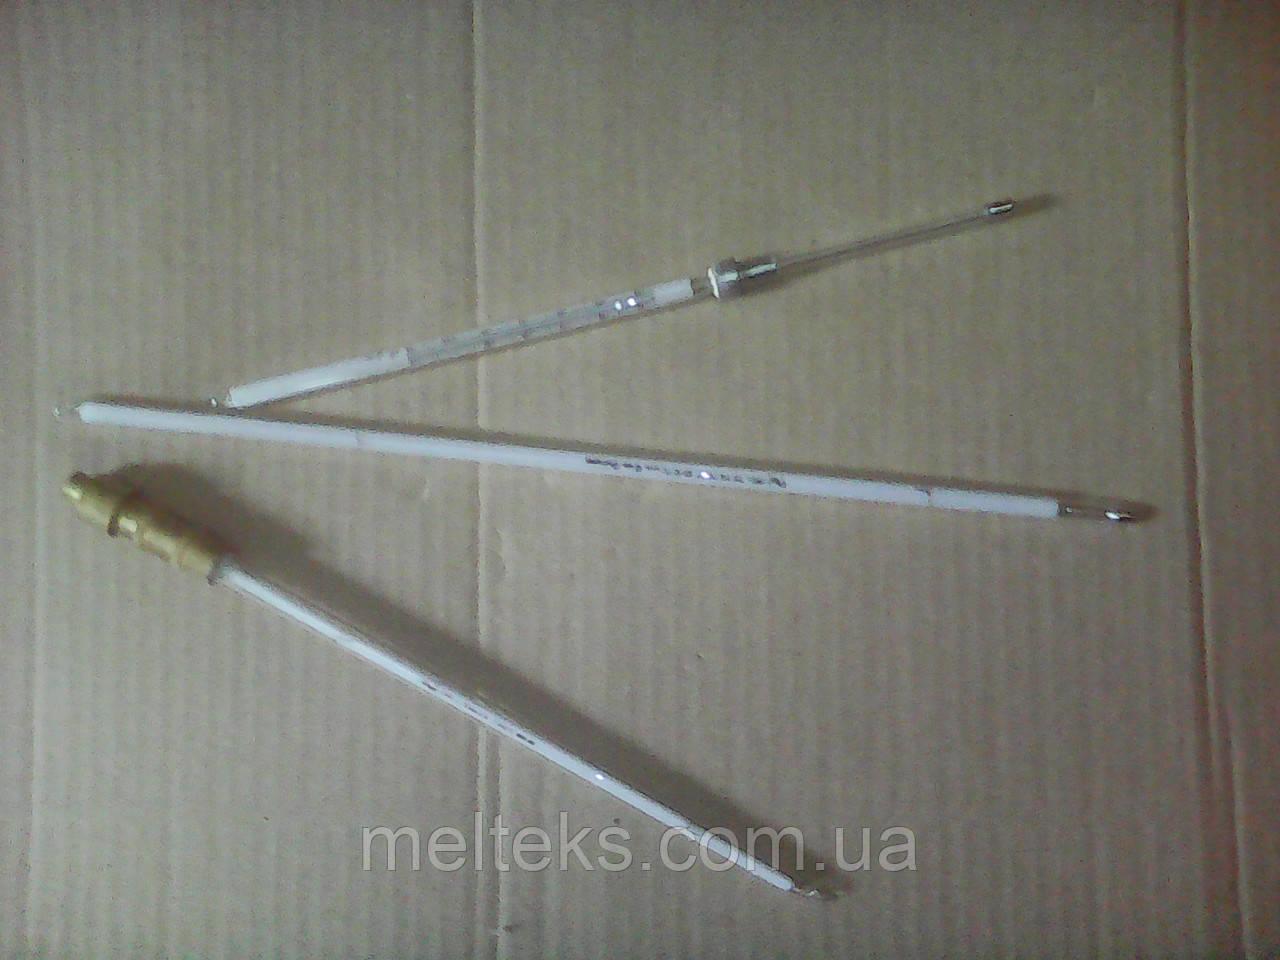 Термометры для нефтепродуктов ТН-2М, ТН-3 (остатки)